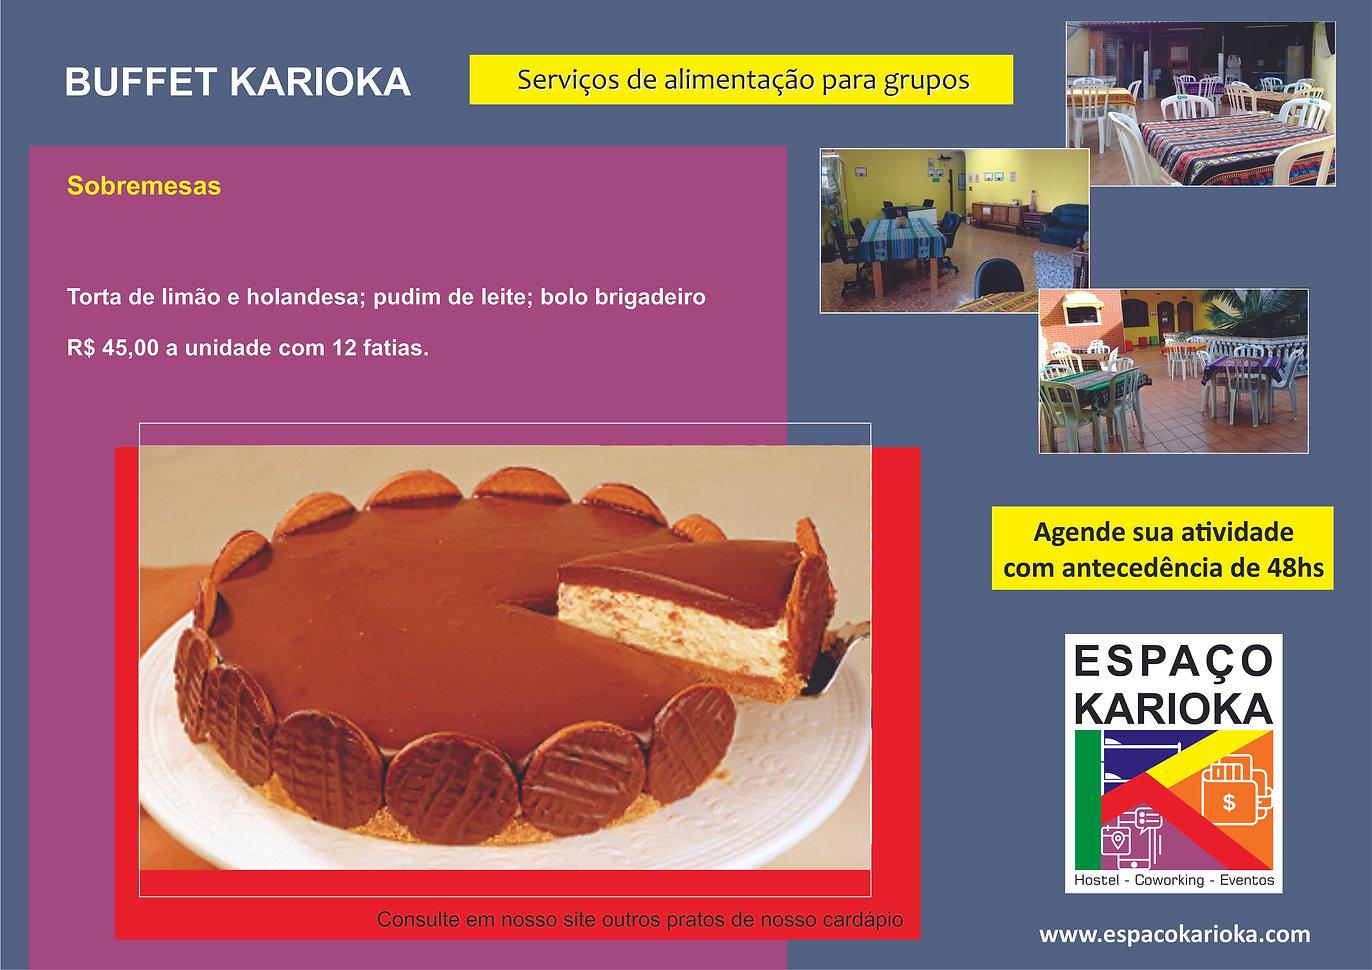 Promocional Buffet Karioka post dos prat